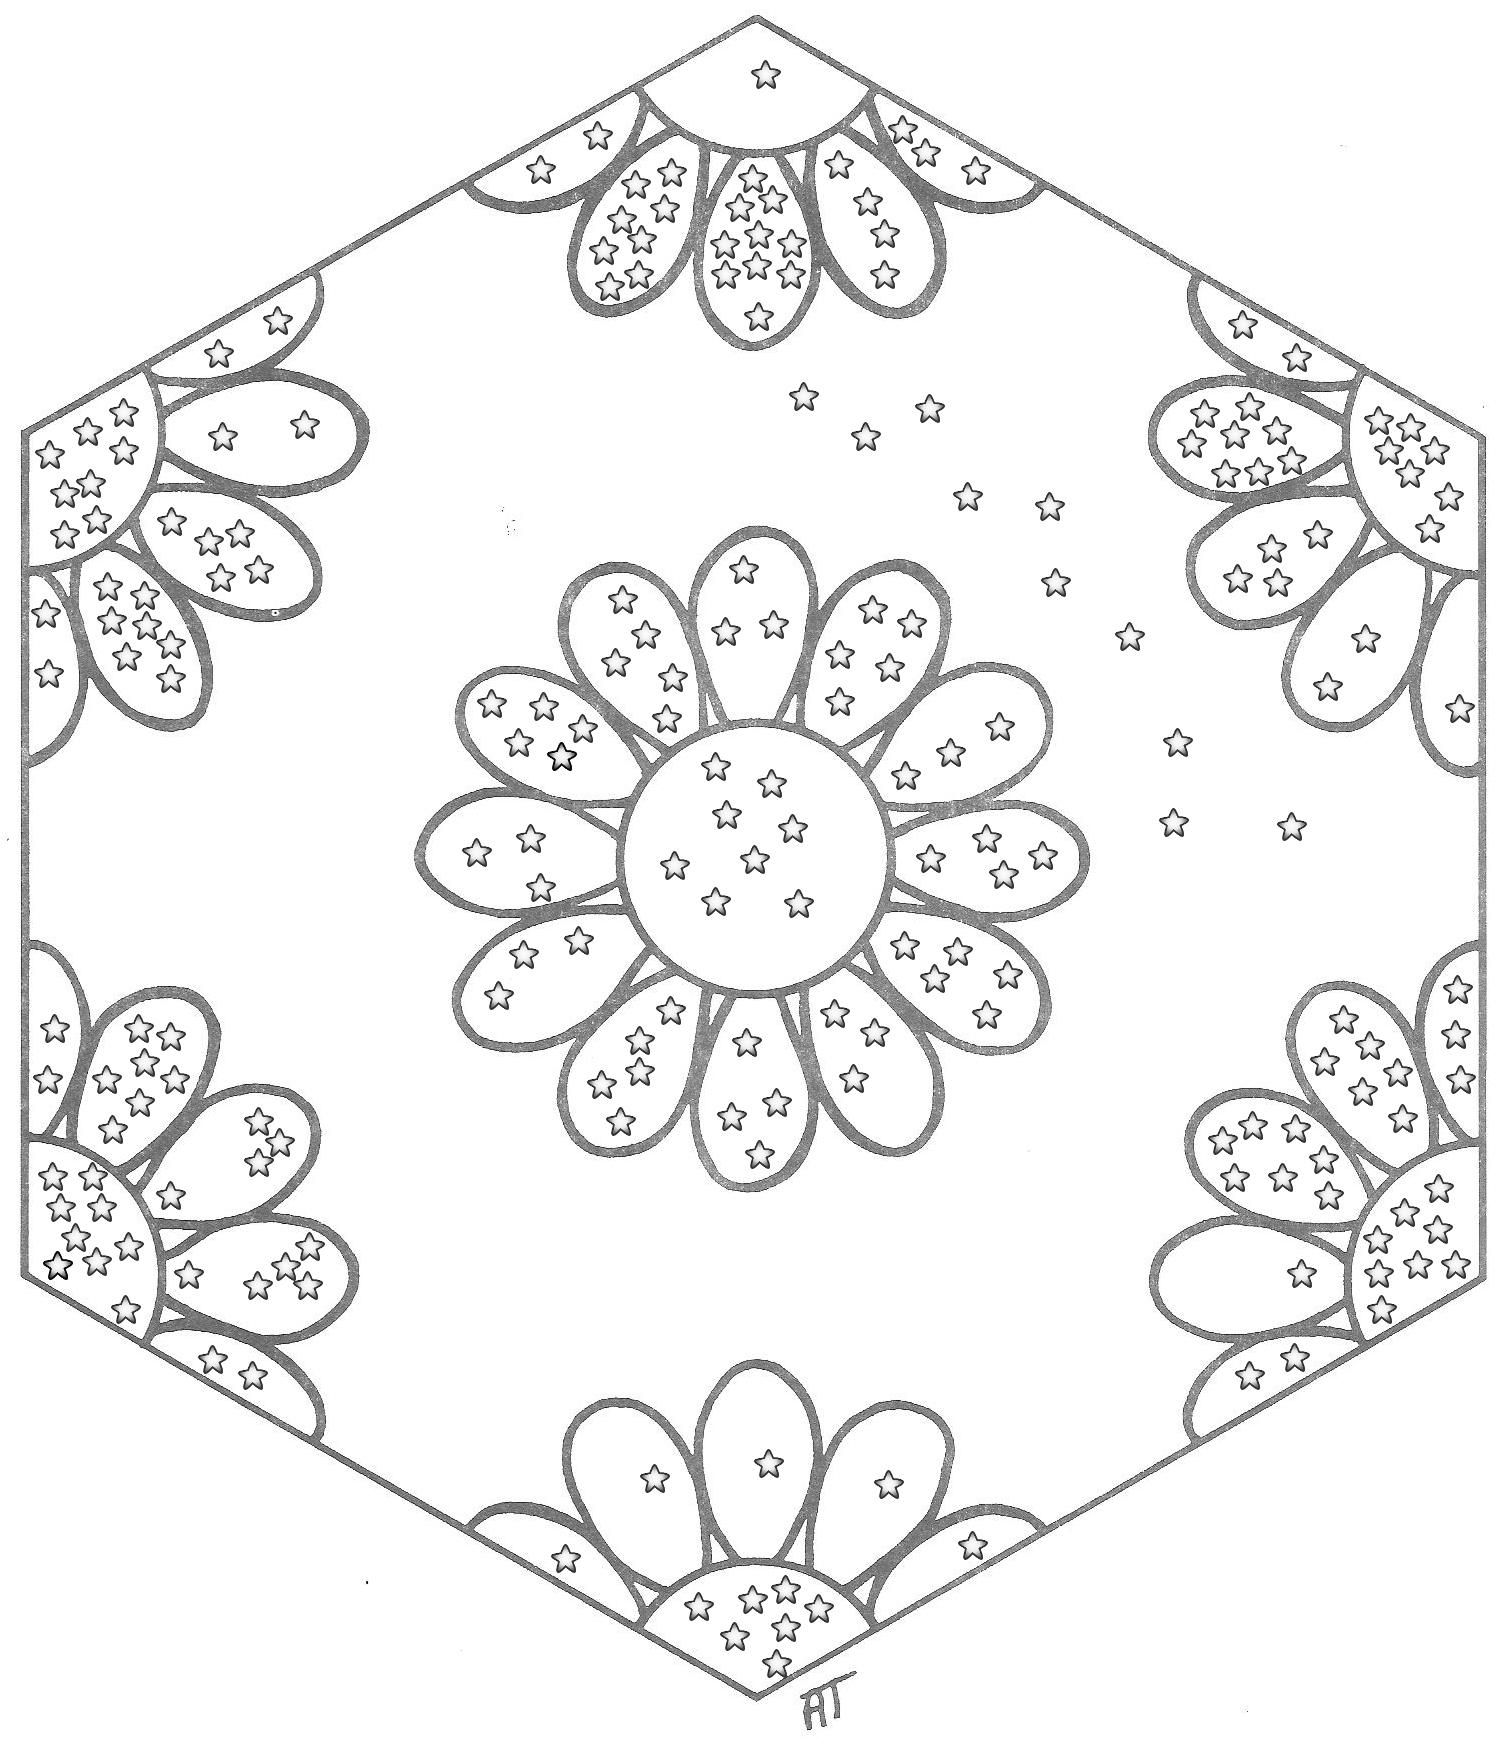 Coloriage Magique Constellation Du Dé à Coloriage Magique Petite Section